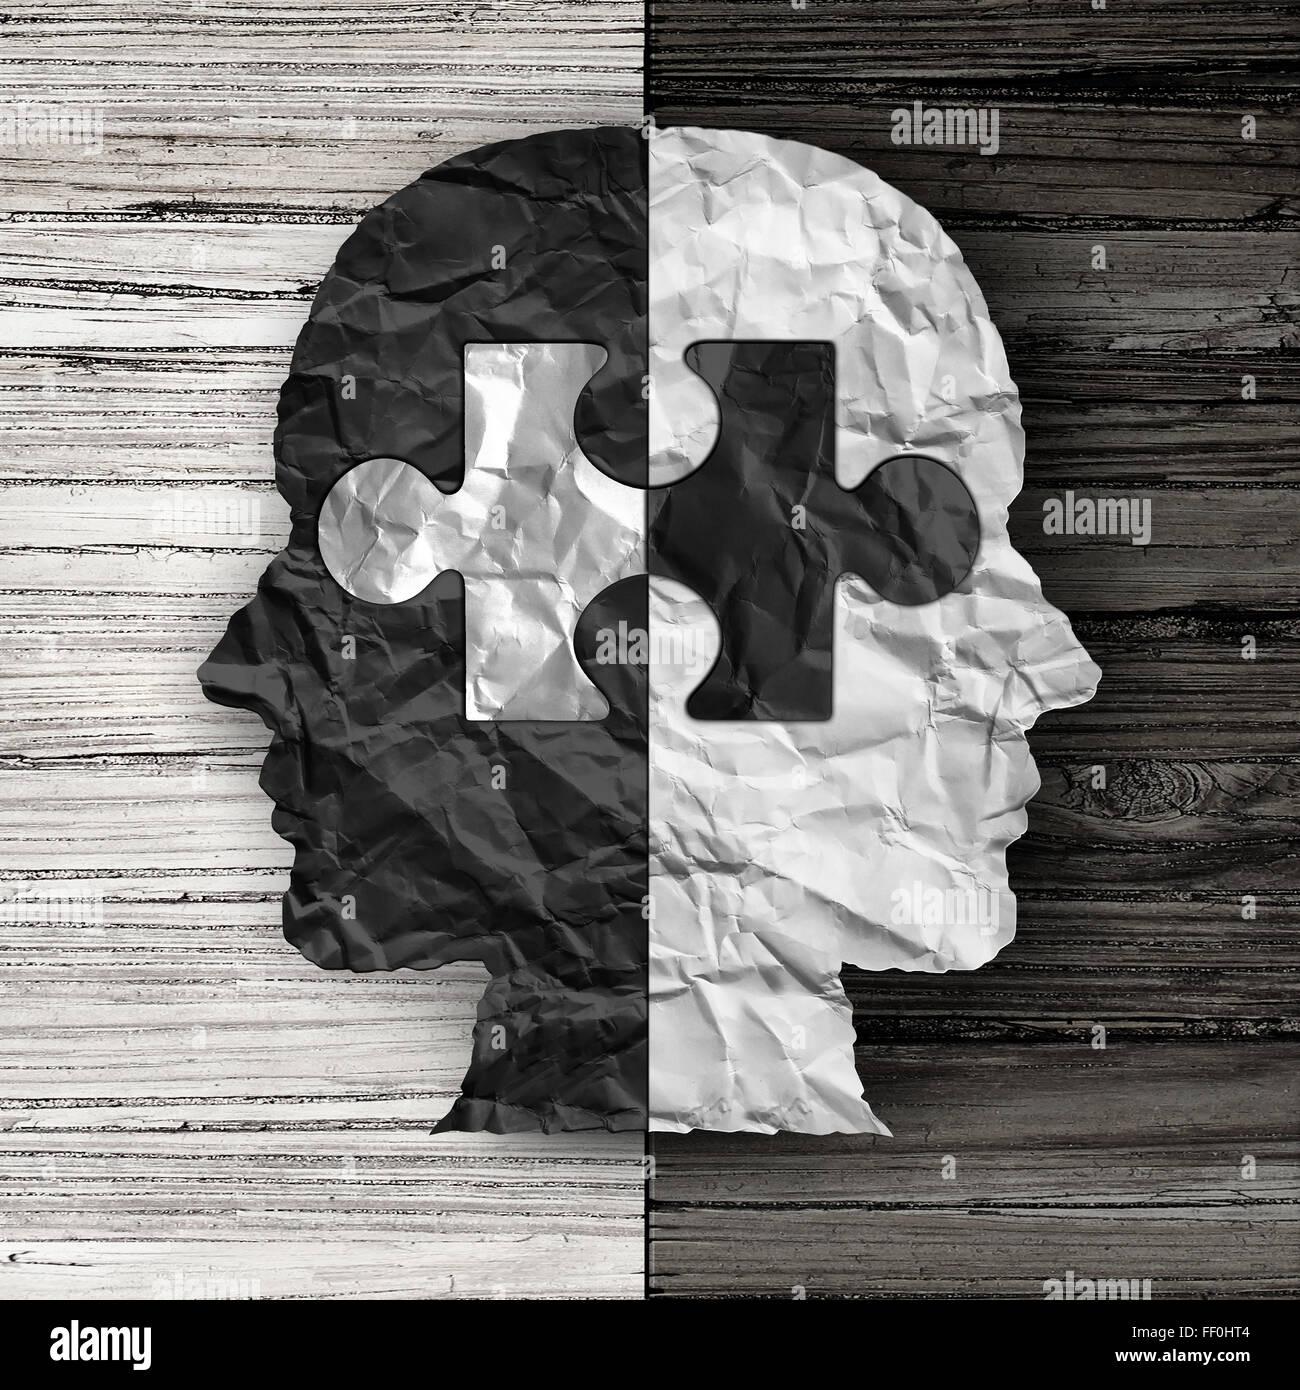 La question sociale et l'égalité ethnique ou culturel concept symbole de justice comme un papier froissé Photo Stock